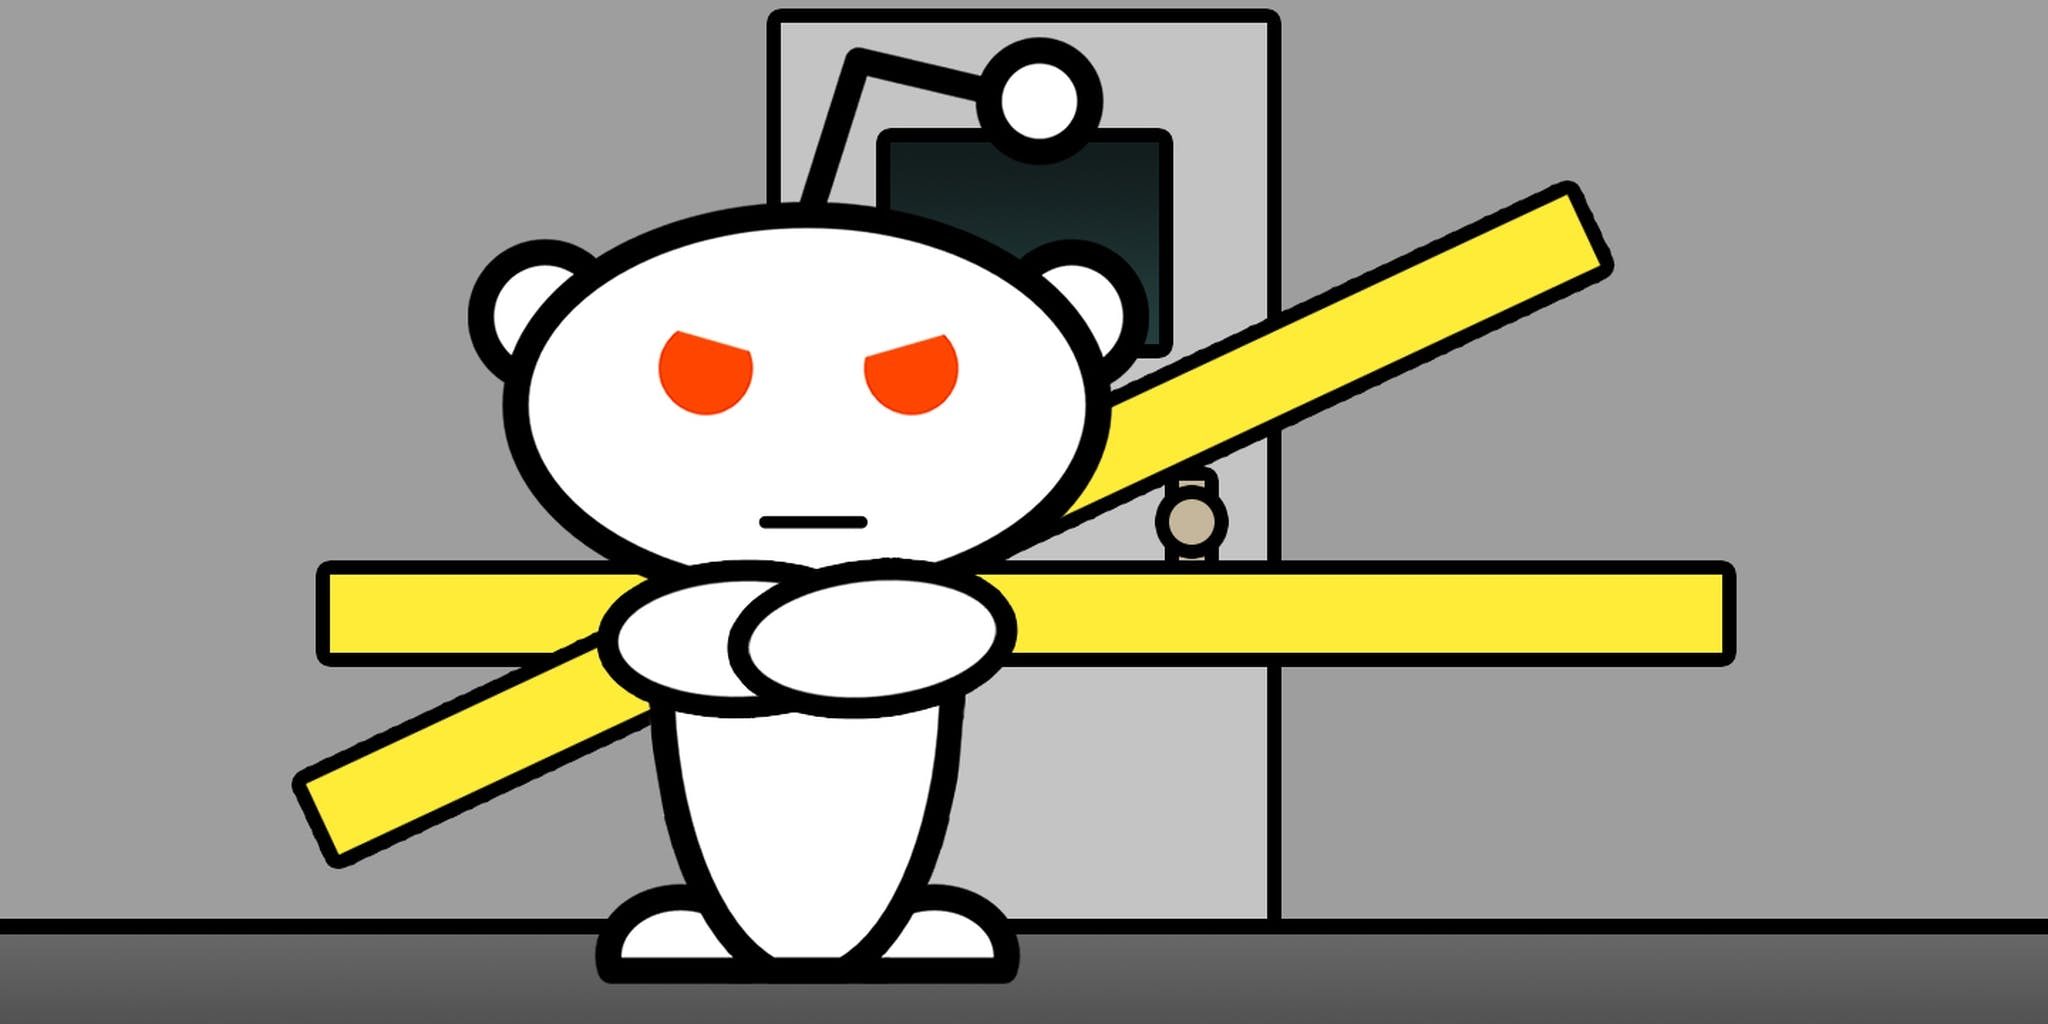 Angry Reddit snoo in front of yellow-taped door